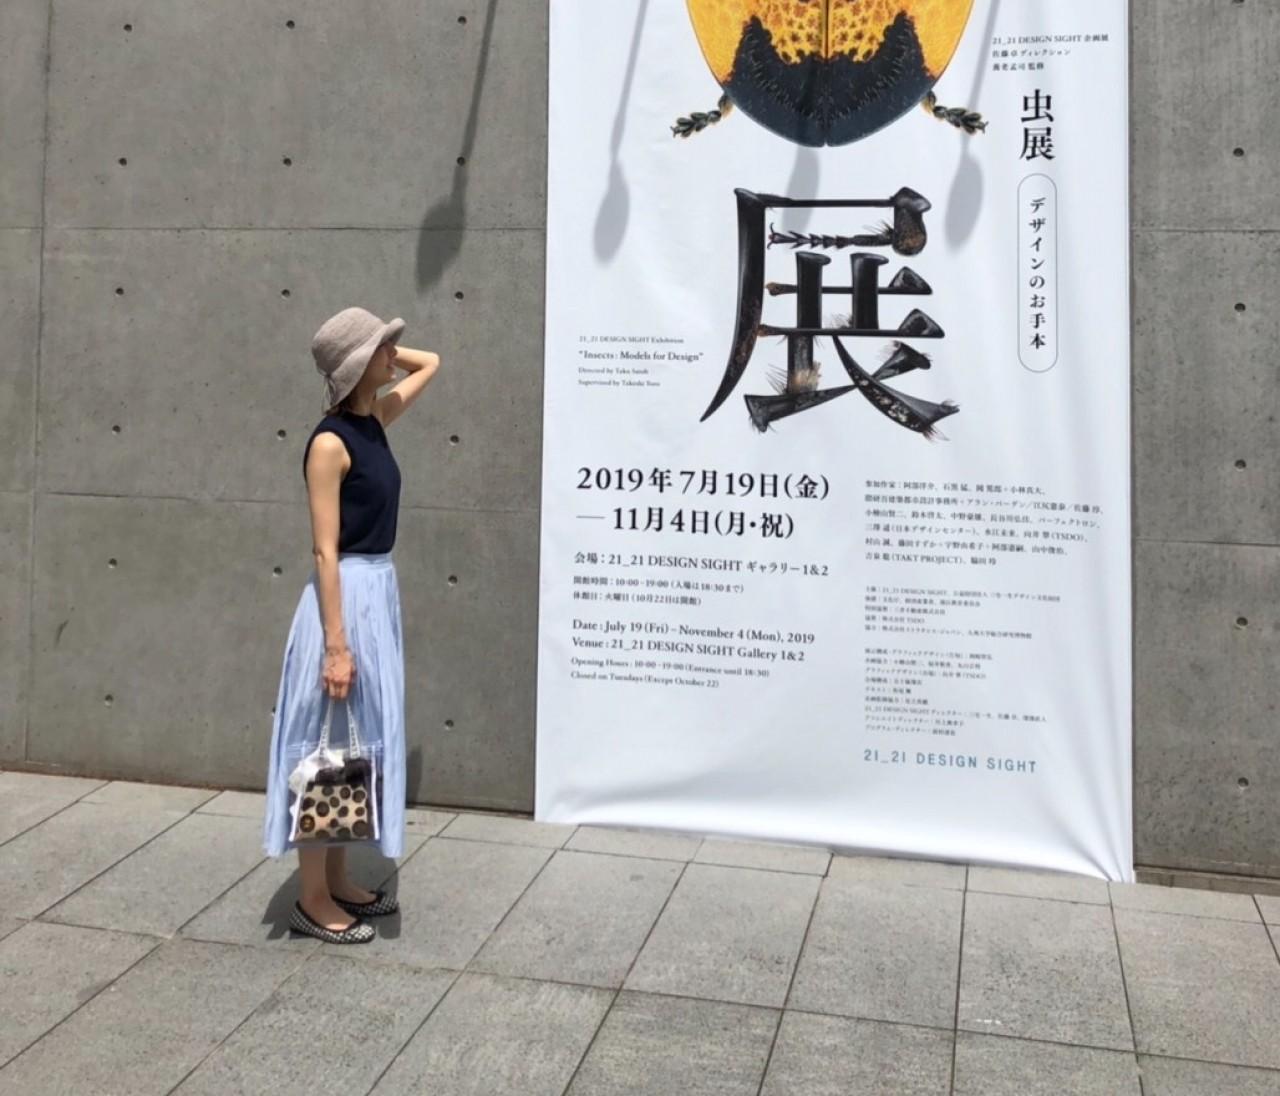 8月号付録「レペットのPVCバッグ」を持って美術館へ!